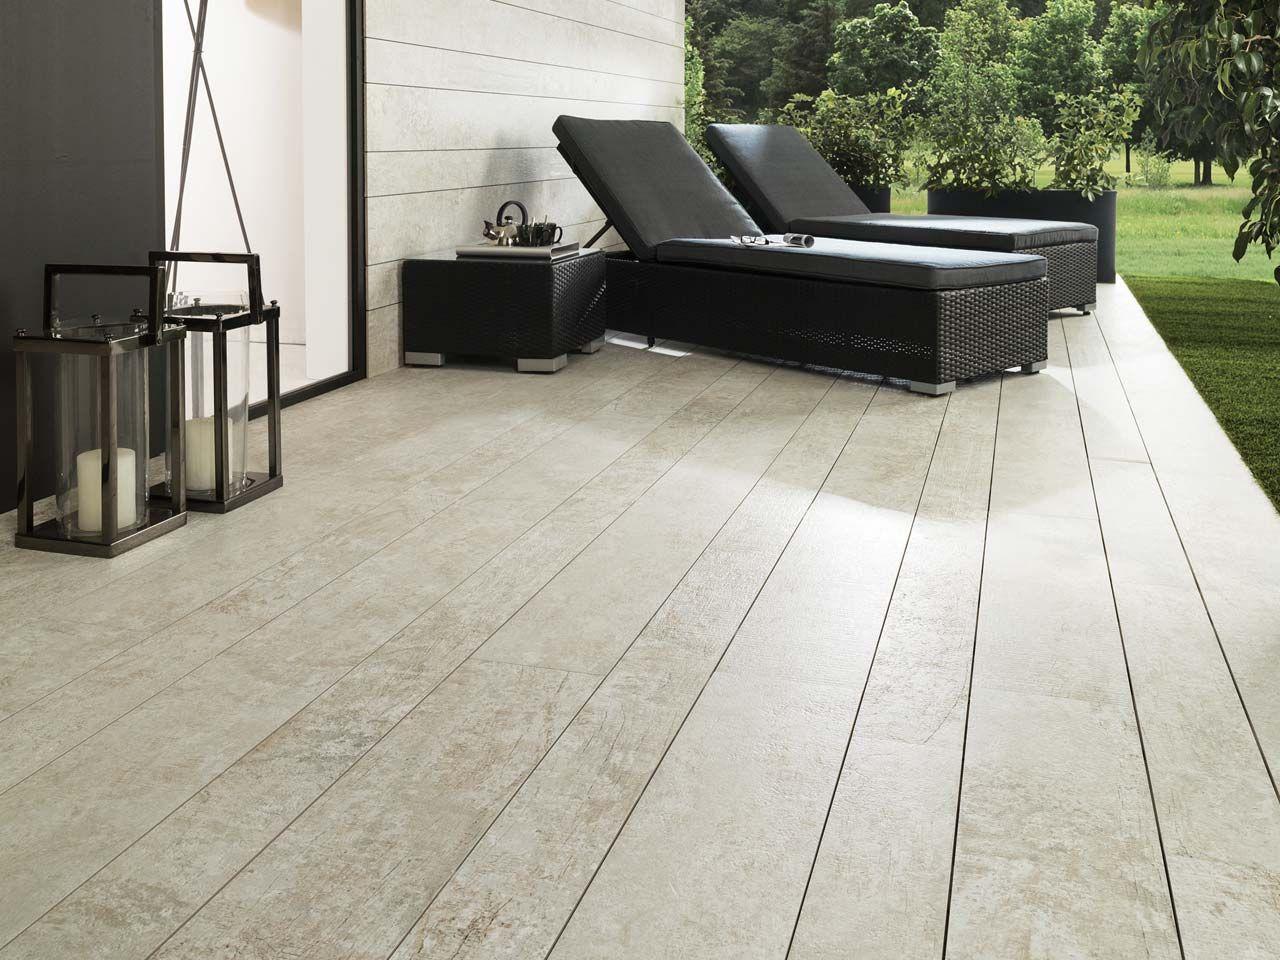 Par ker ceramic parket floor tiles washington white outside par ker wood effect floor tiles ceramic parquet dailygadgetfo Image collections